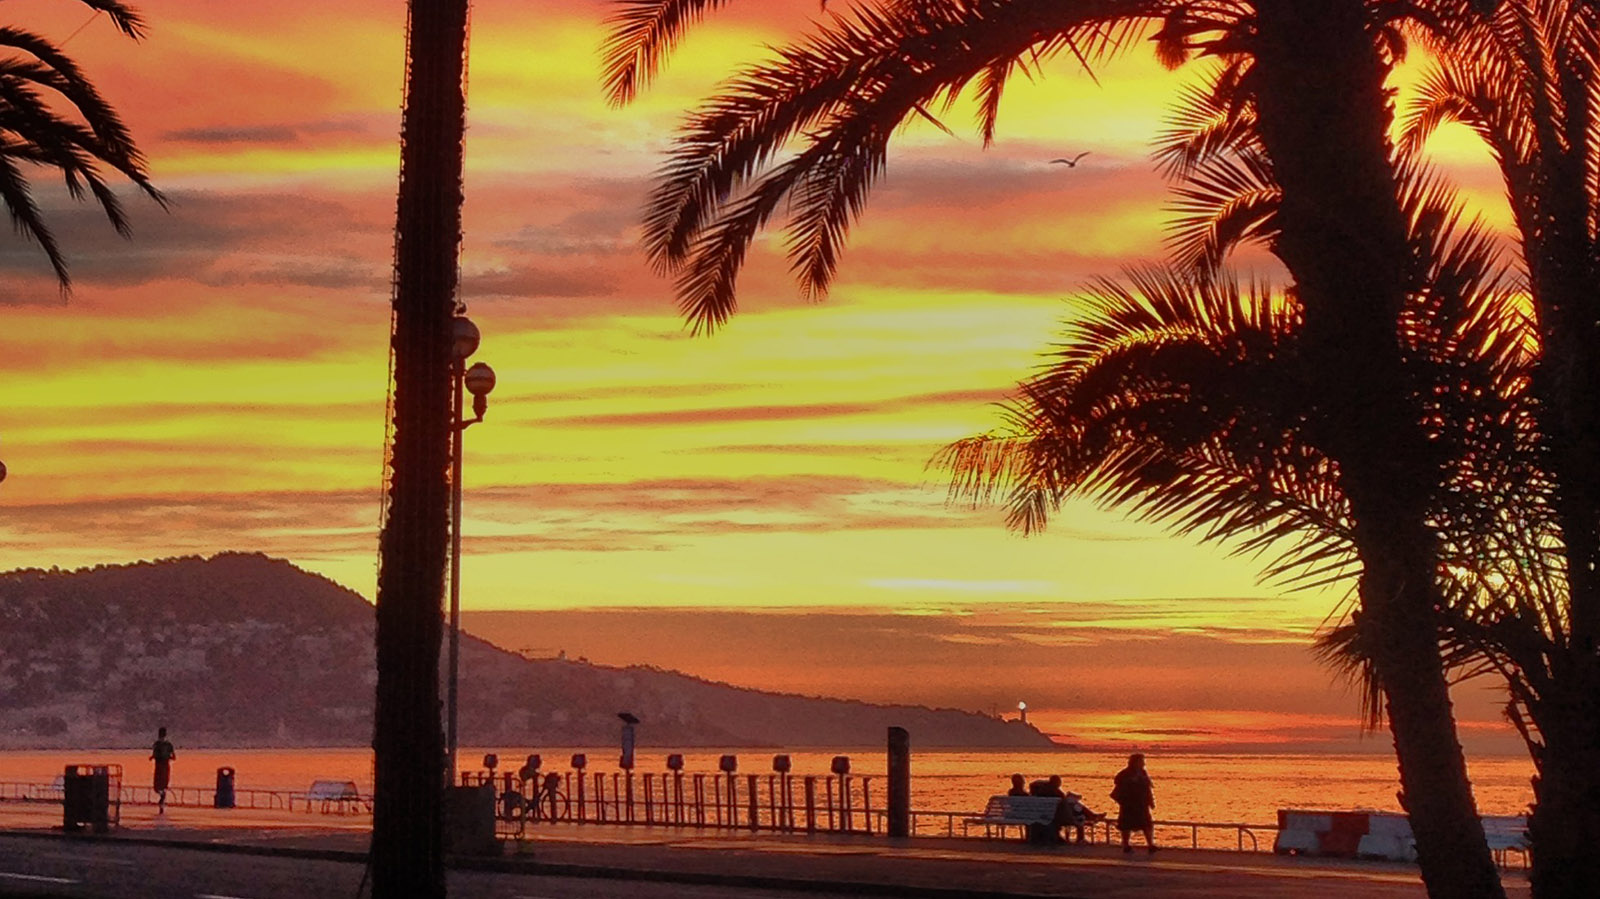 Sonnenaufgang in Nizza... von der Promenade des Anglais aus ein wunderschönes Erlebnis. Foto: Hilke Maunder